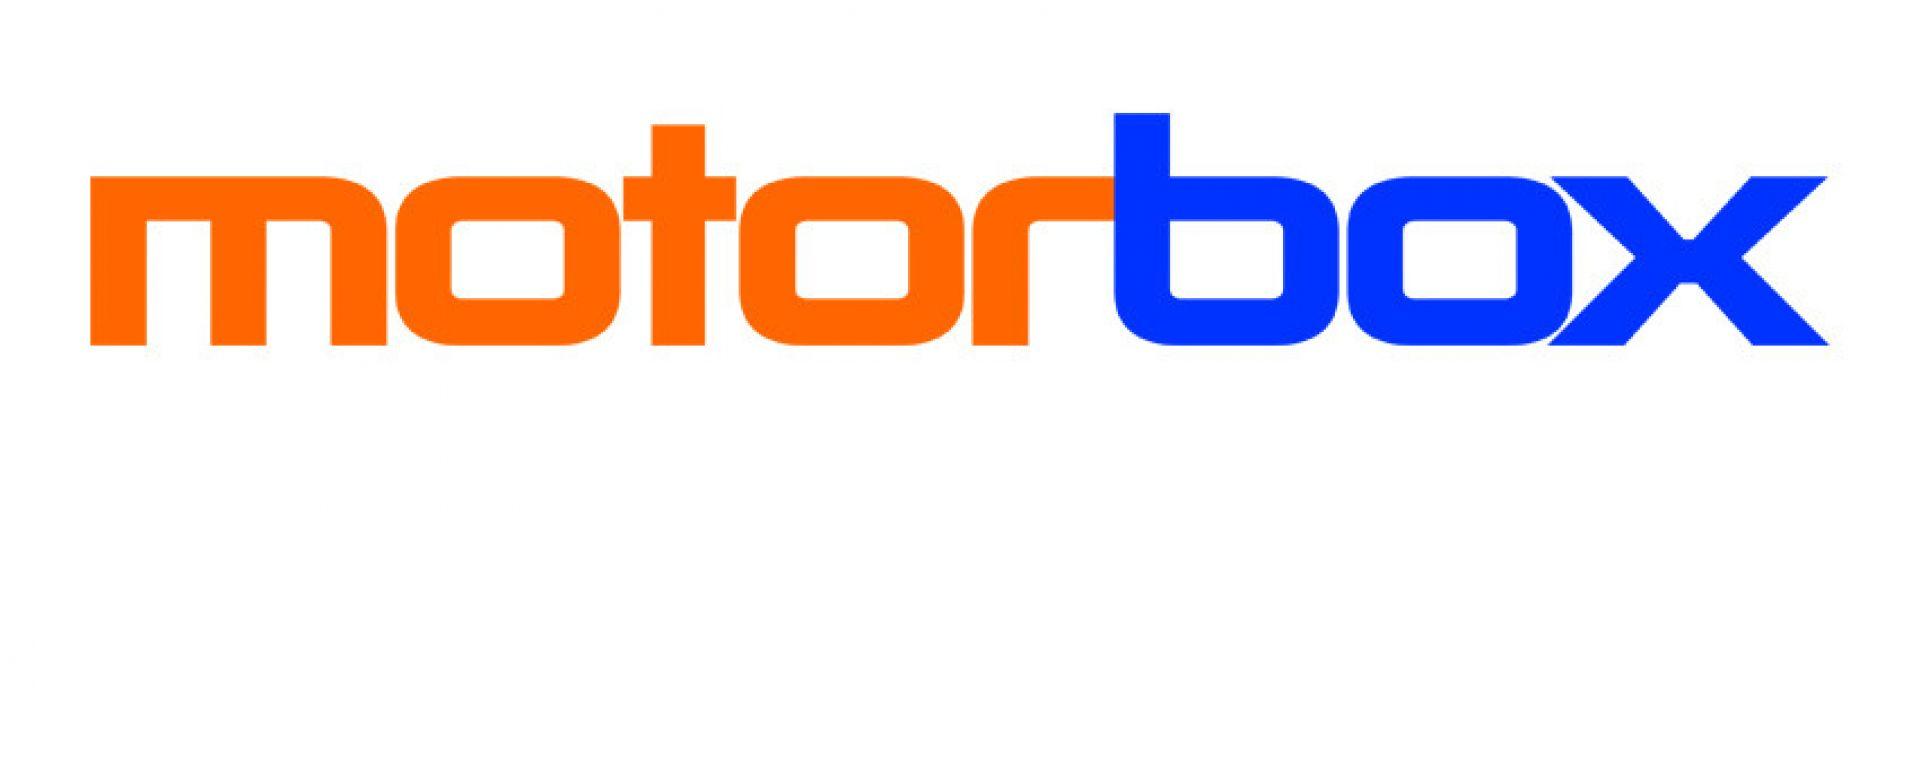 MotorBox: redazione, contenuti, autori, canali, info